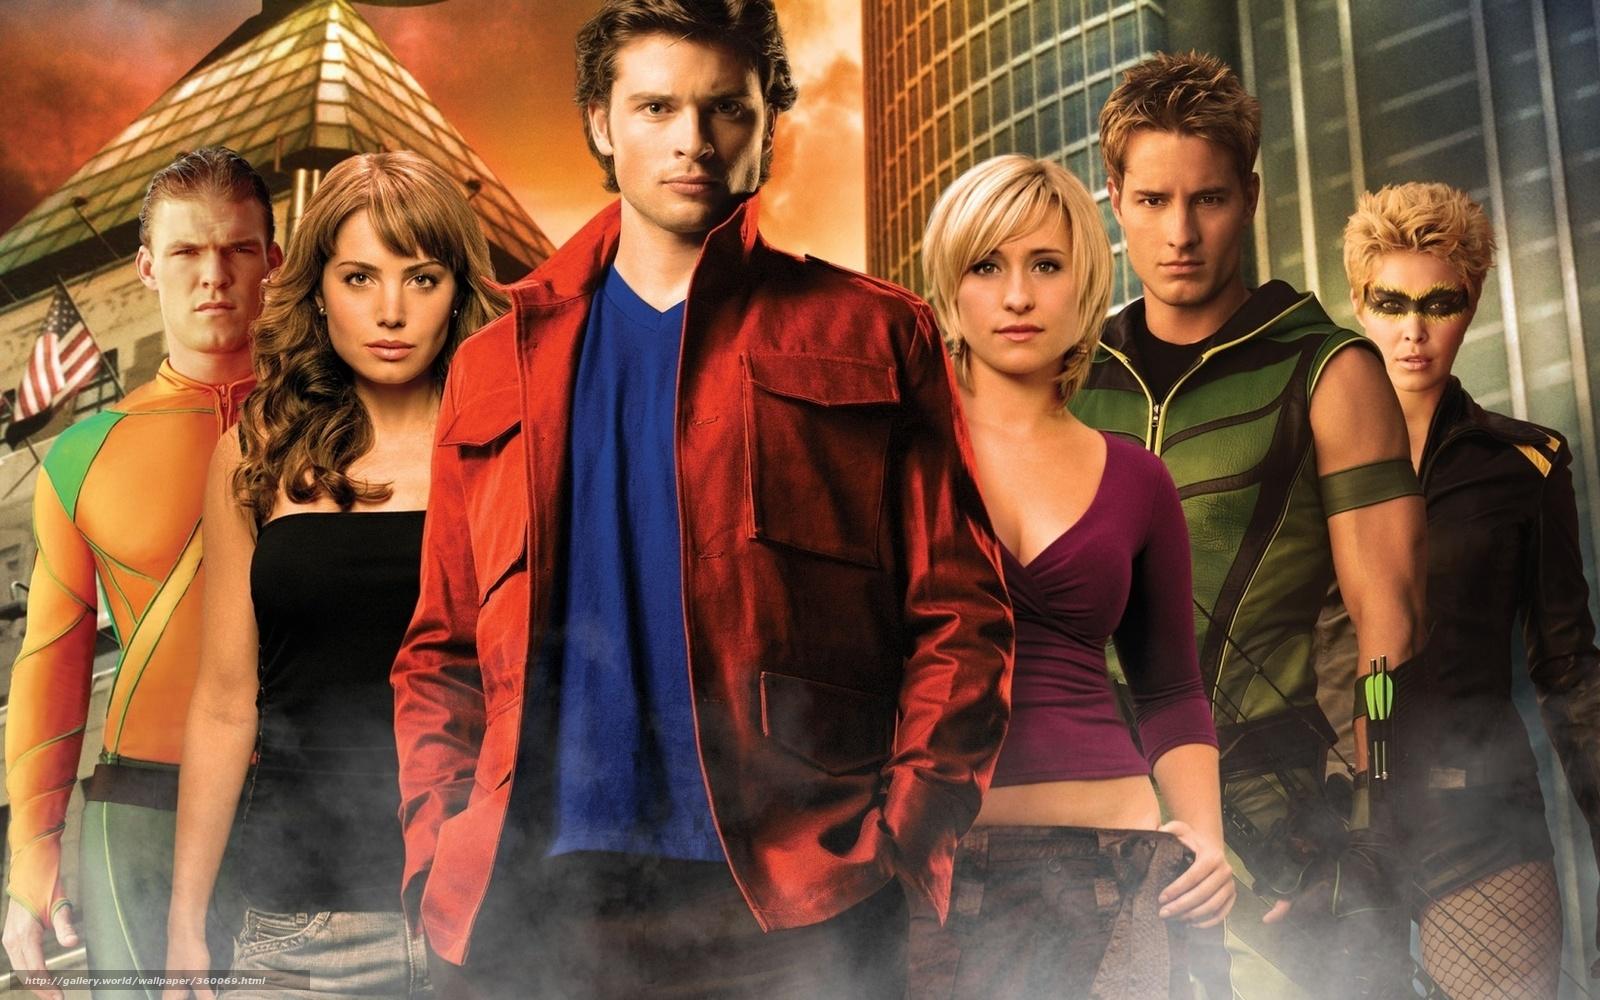 Esta actriz de Smallville es señalada como líder de una secta sexual